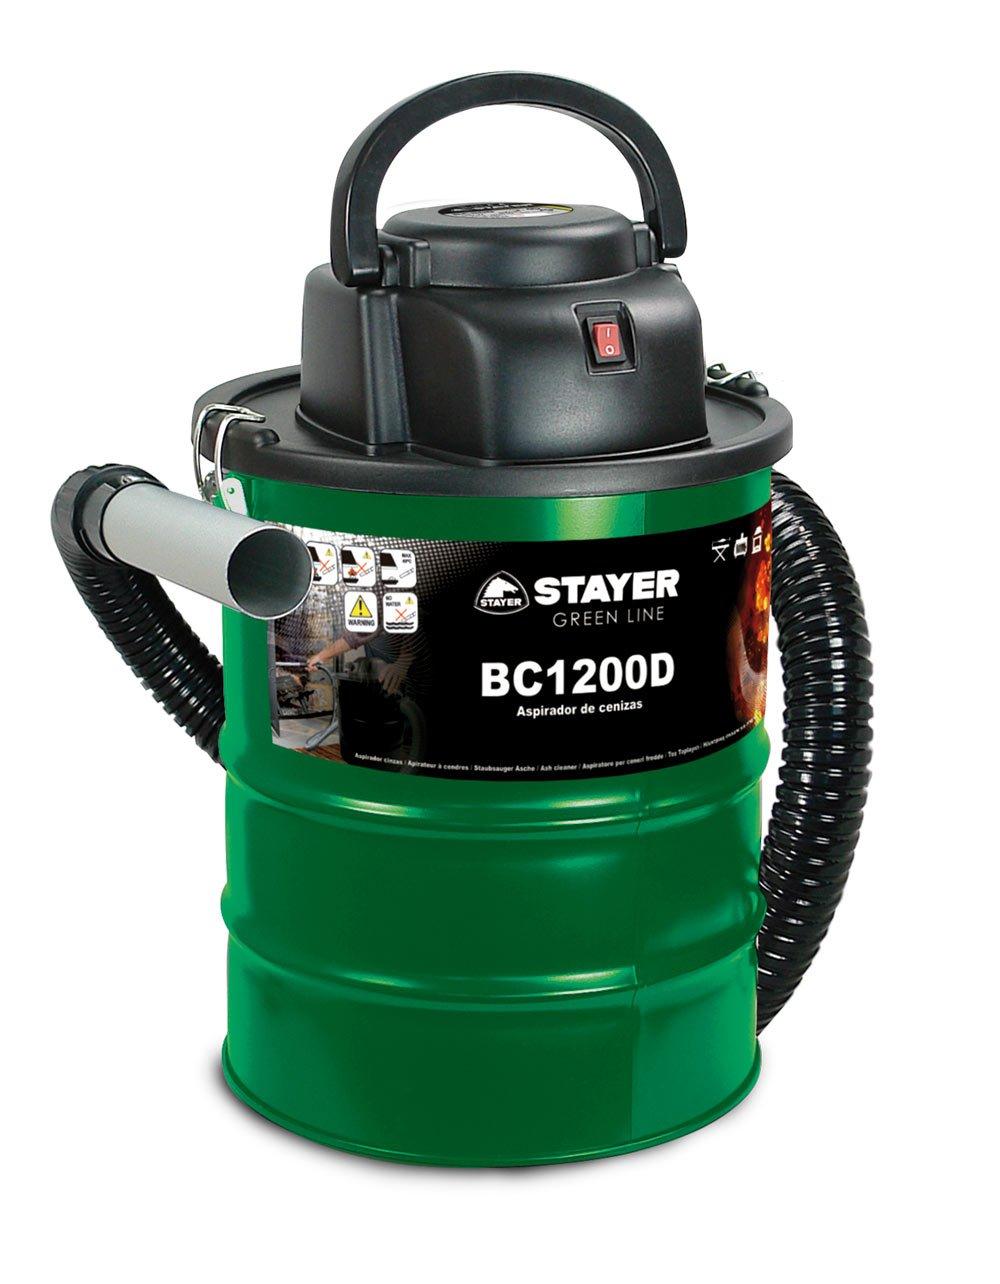 Stayer 1200D Aspirador de Ceniza